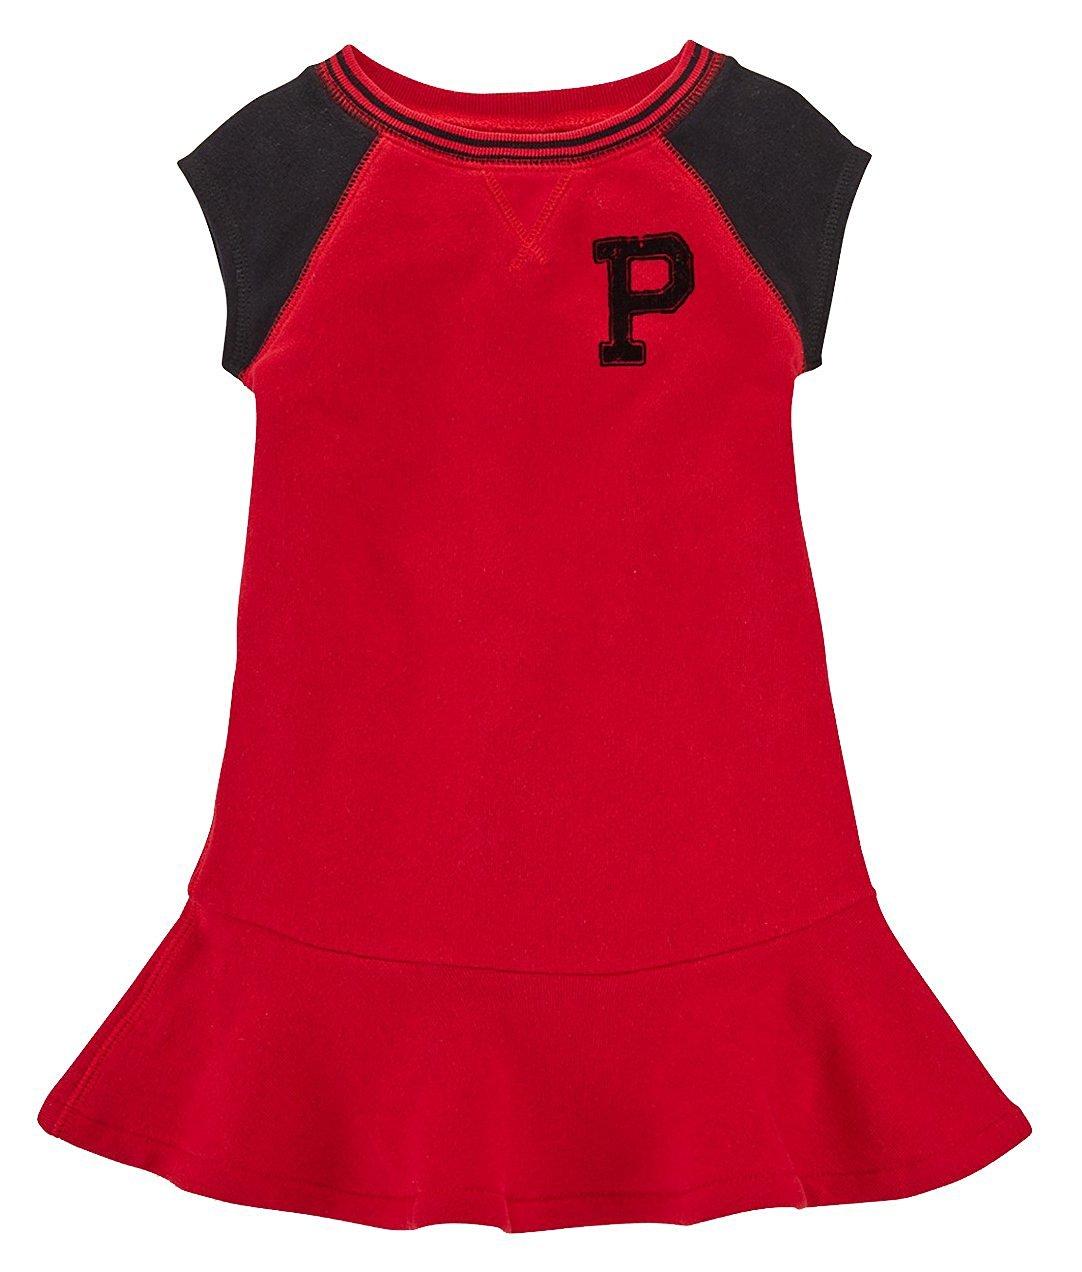 54aa5a287c Get Quotations · Ralph Lauren Polo Girls P Logo Fleece Dress (M 8 - 10)